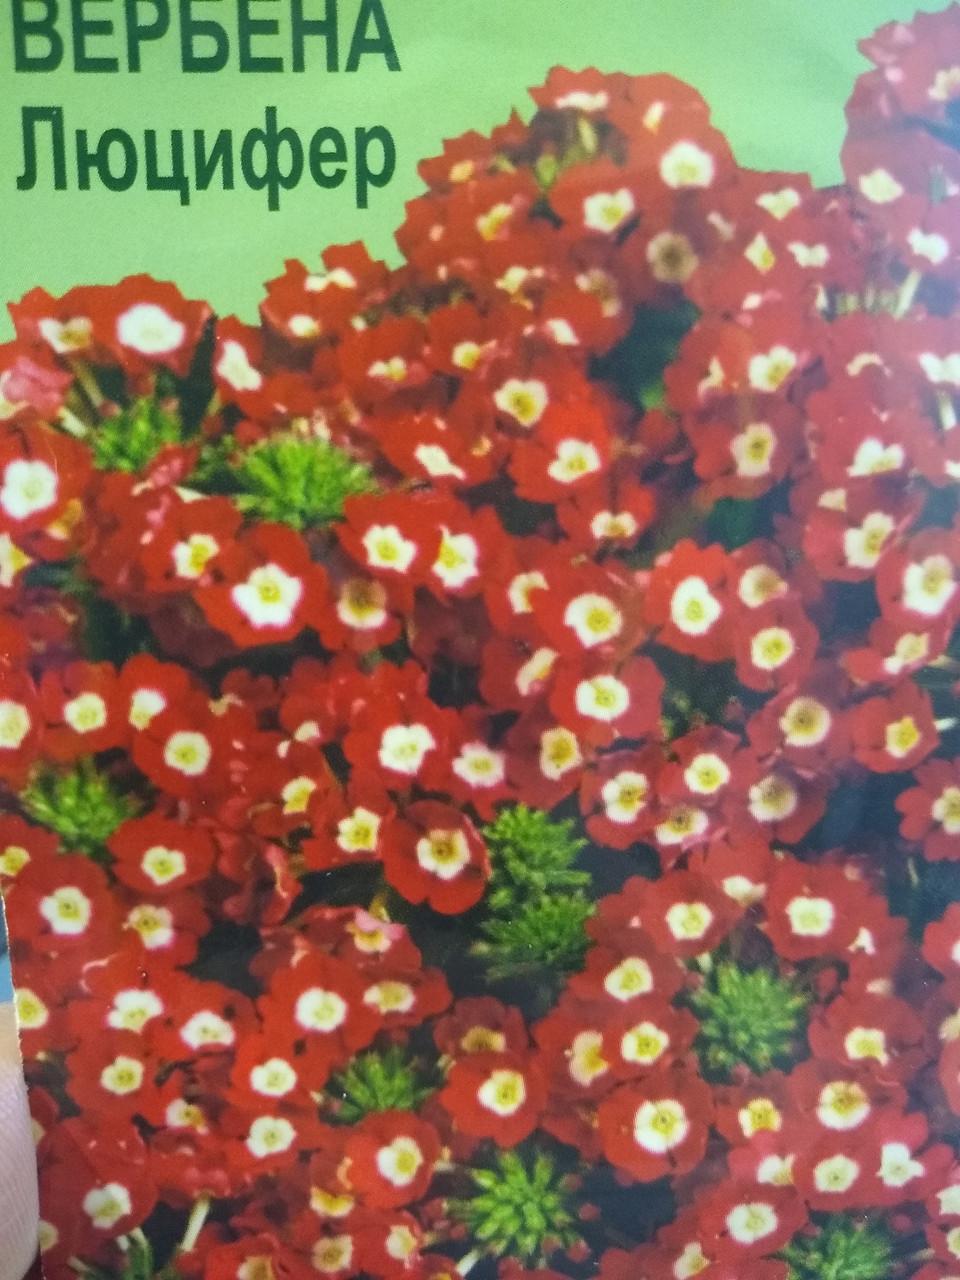 Семена цветов вербены гибрид Люцифер 0.1 грамм Агрофирма Элитсорт Украина